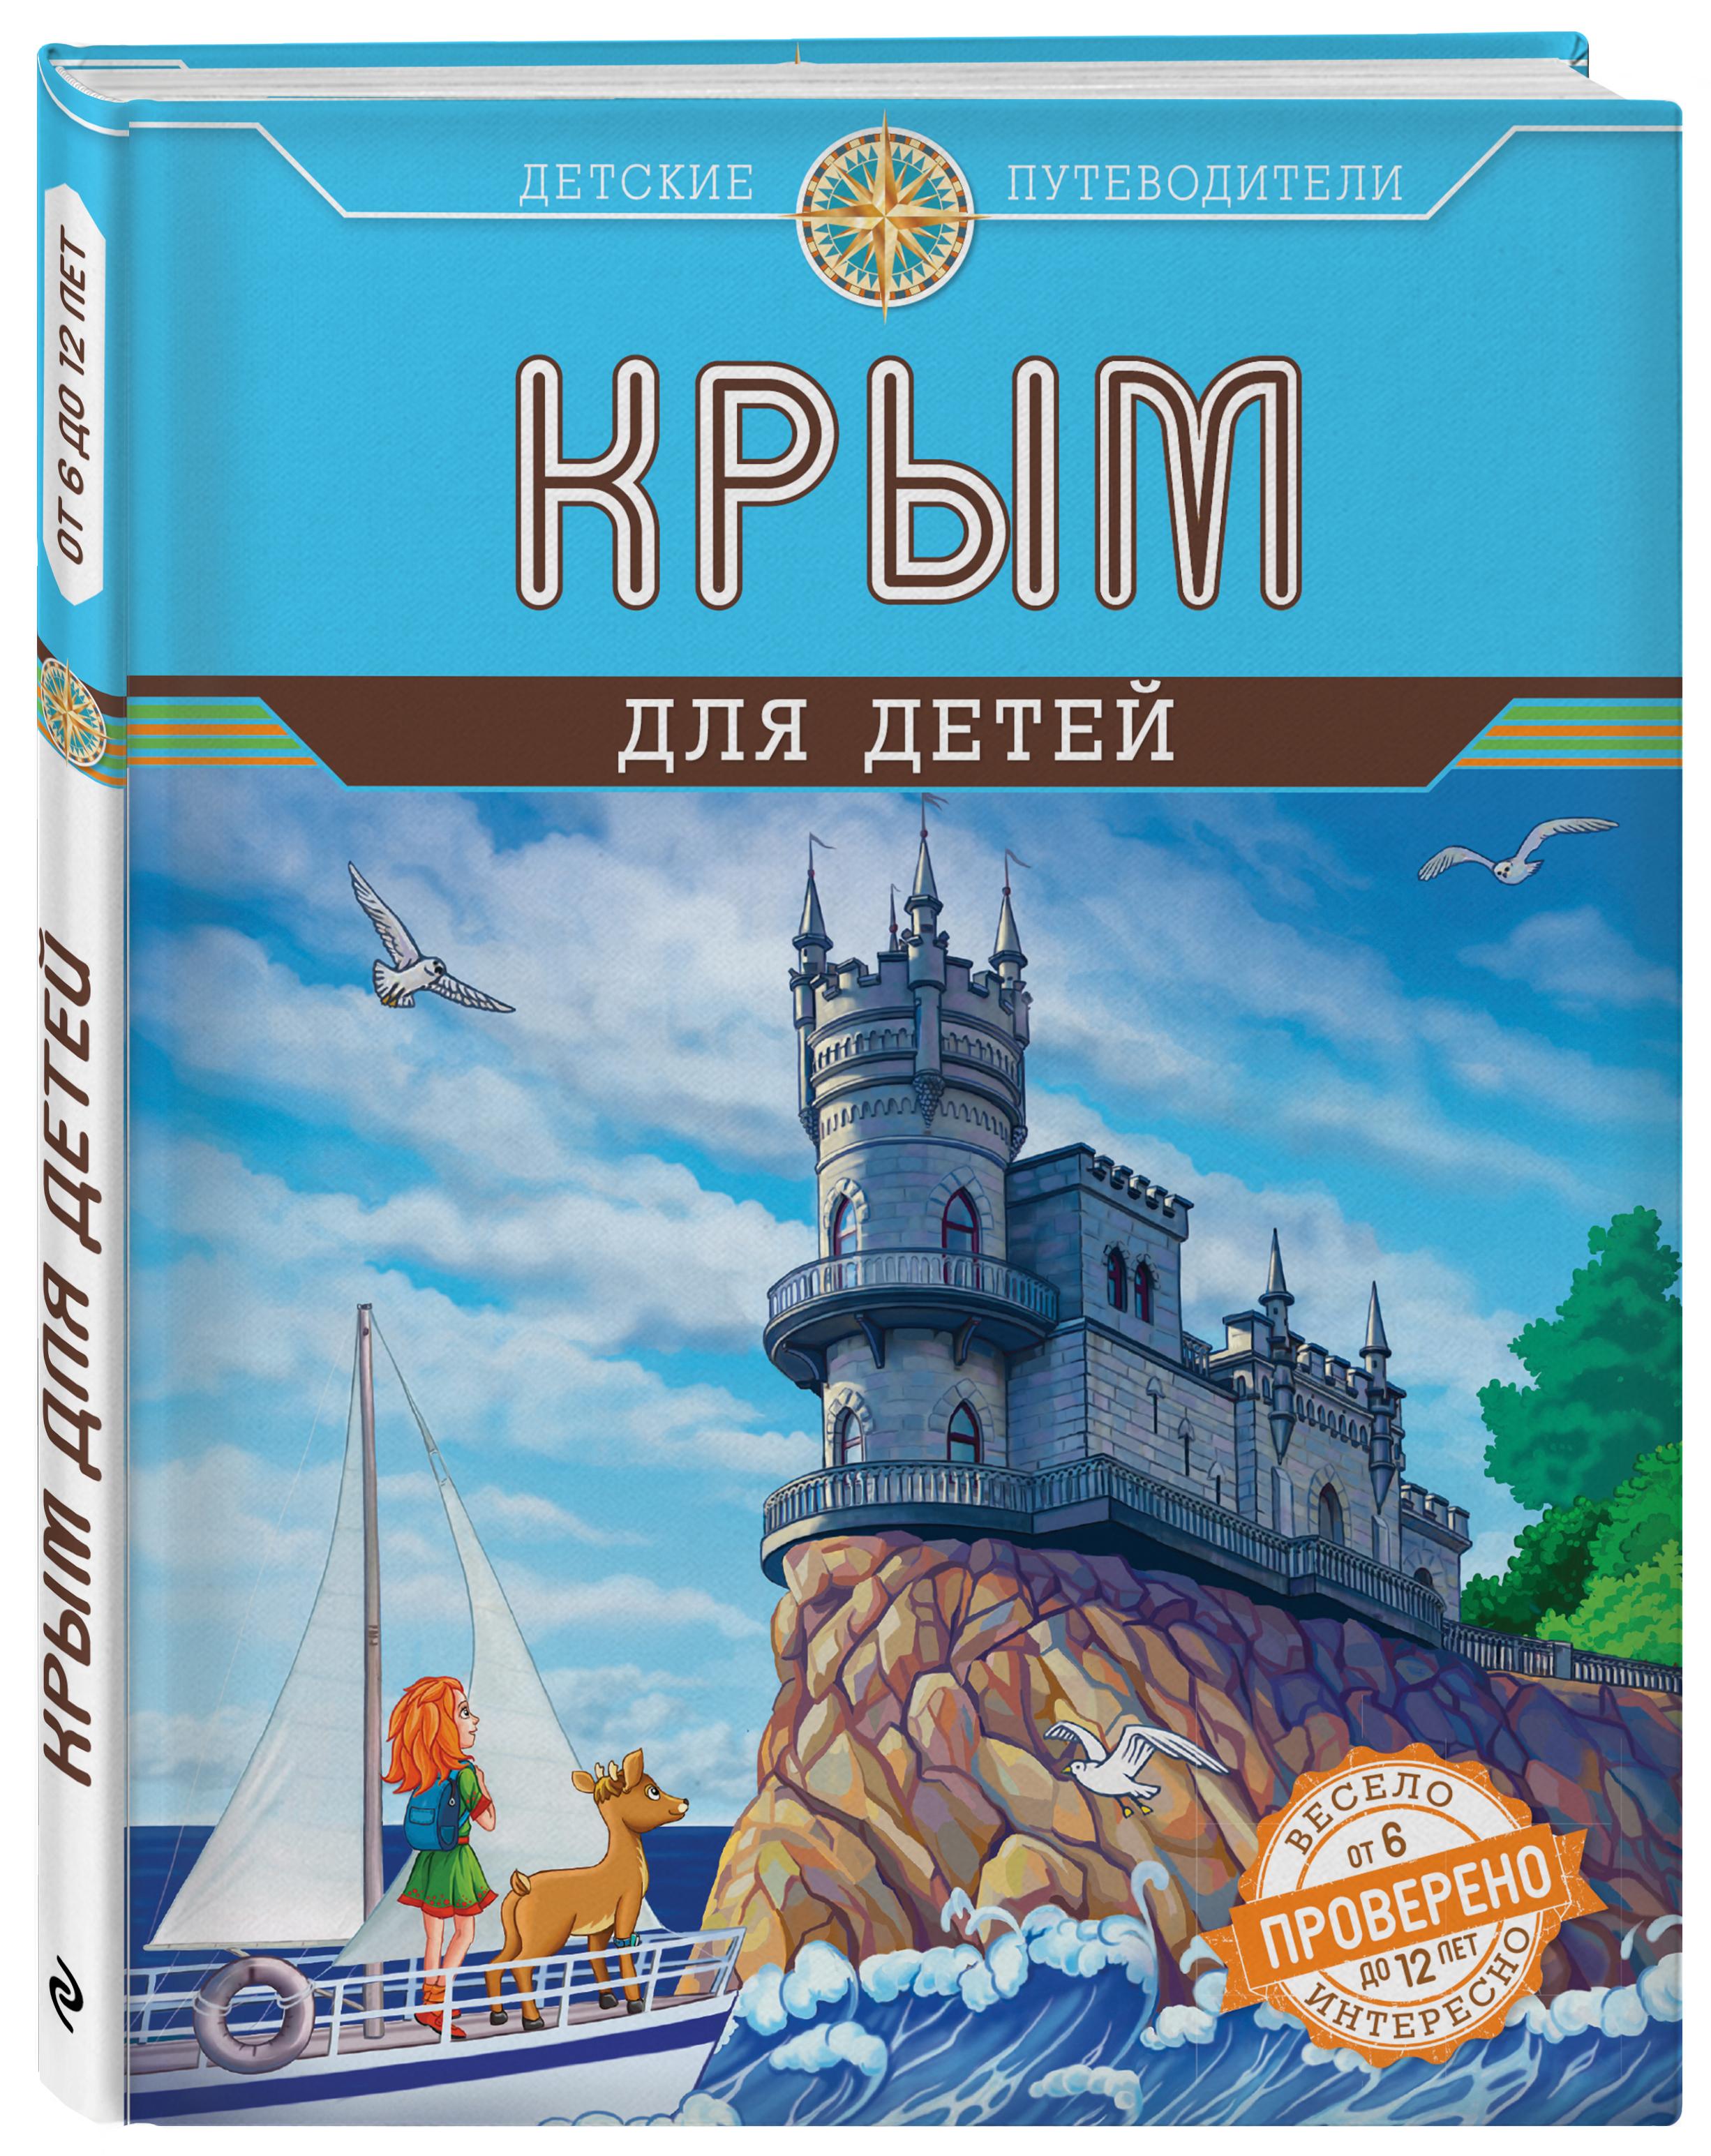 Крым для детей (от 6 до 12 лет) от book24.ru